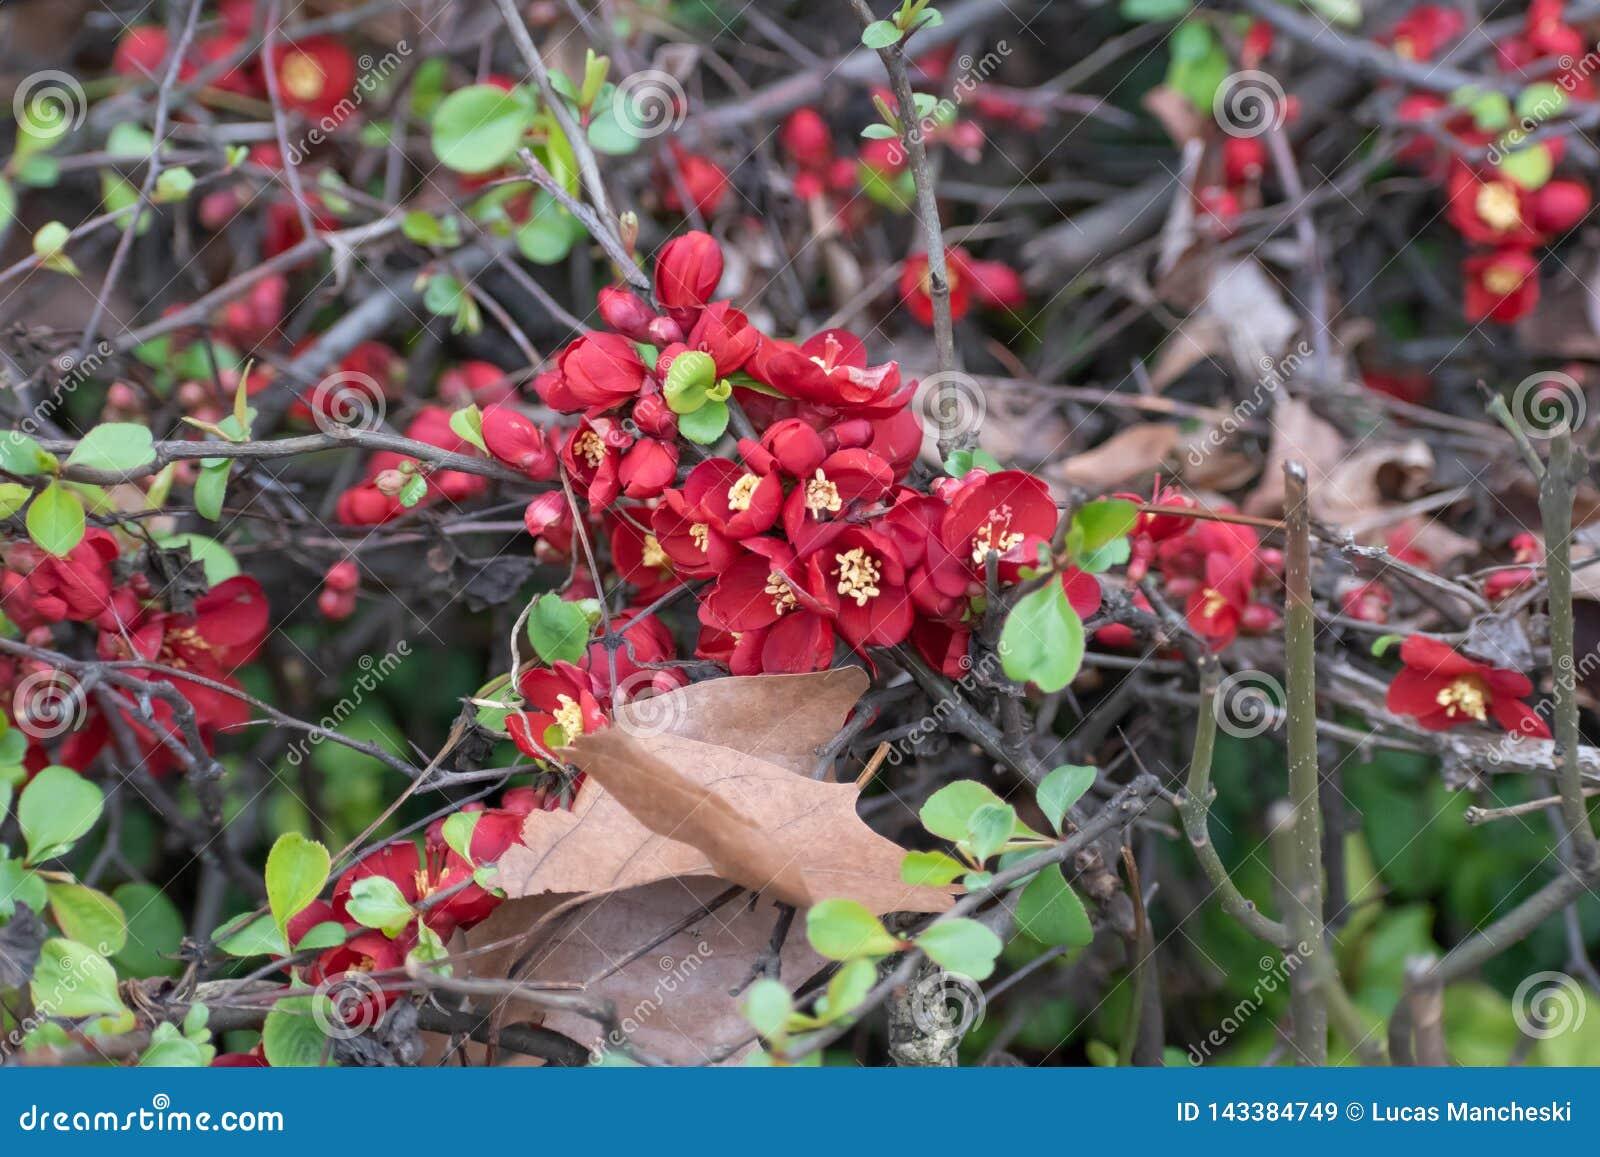 Flores vermelhas carmesins na cidade